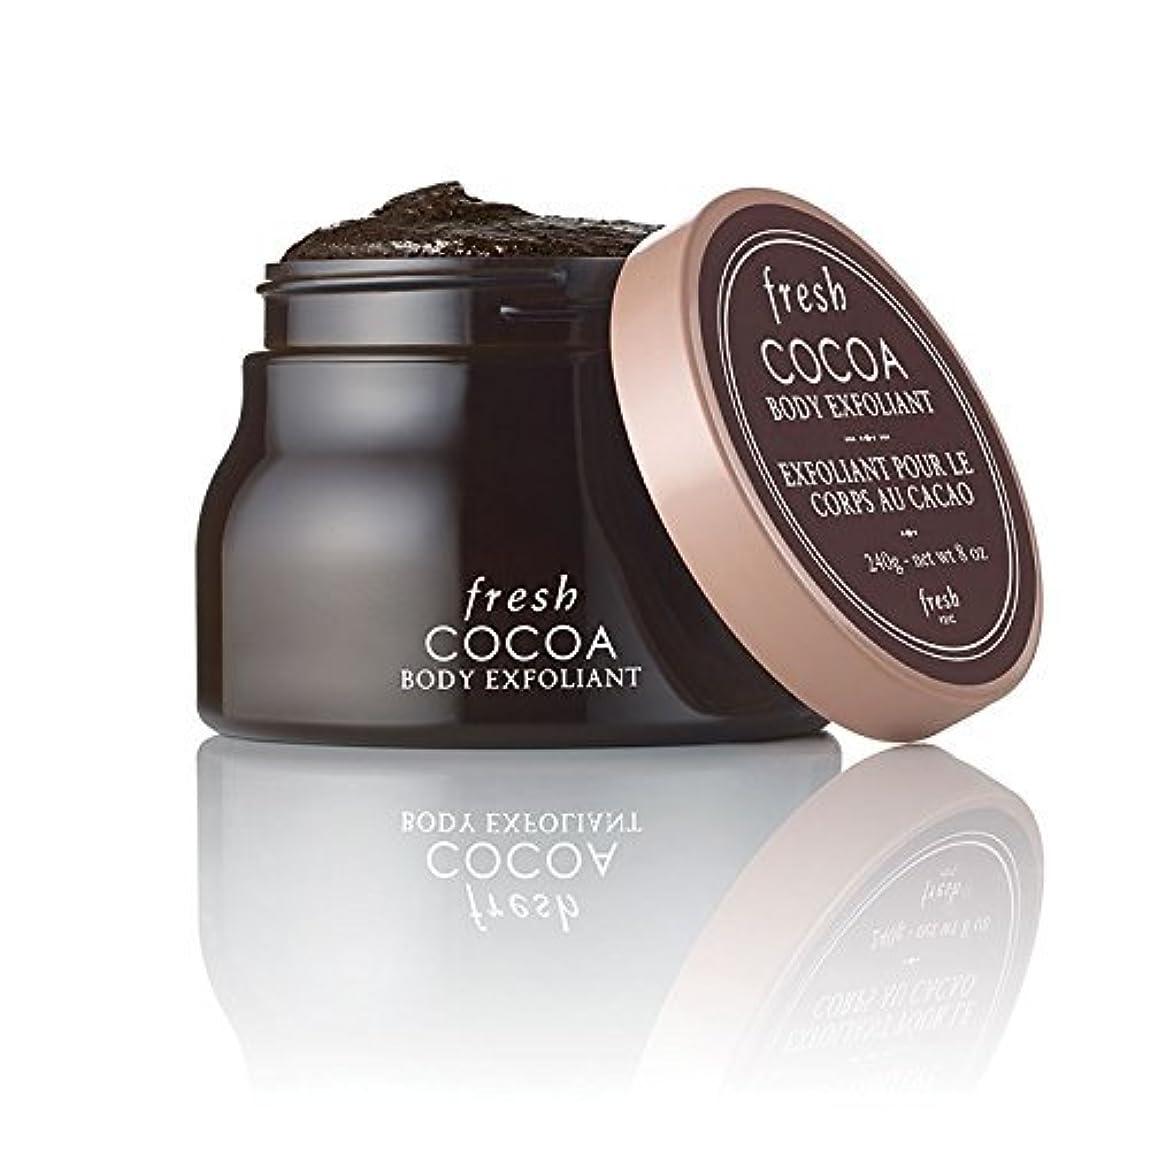 閃光つらいマラウイFresh Cocoa Body Exfoliant (フレッシュ ココア ボディー エクスフォリアント) 150g by Fresh for Women